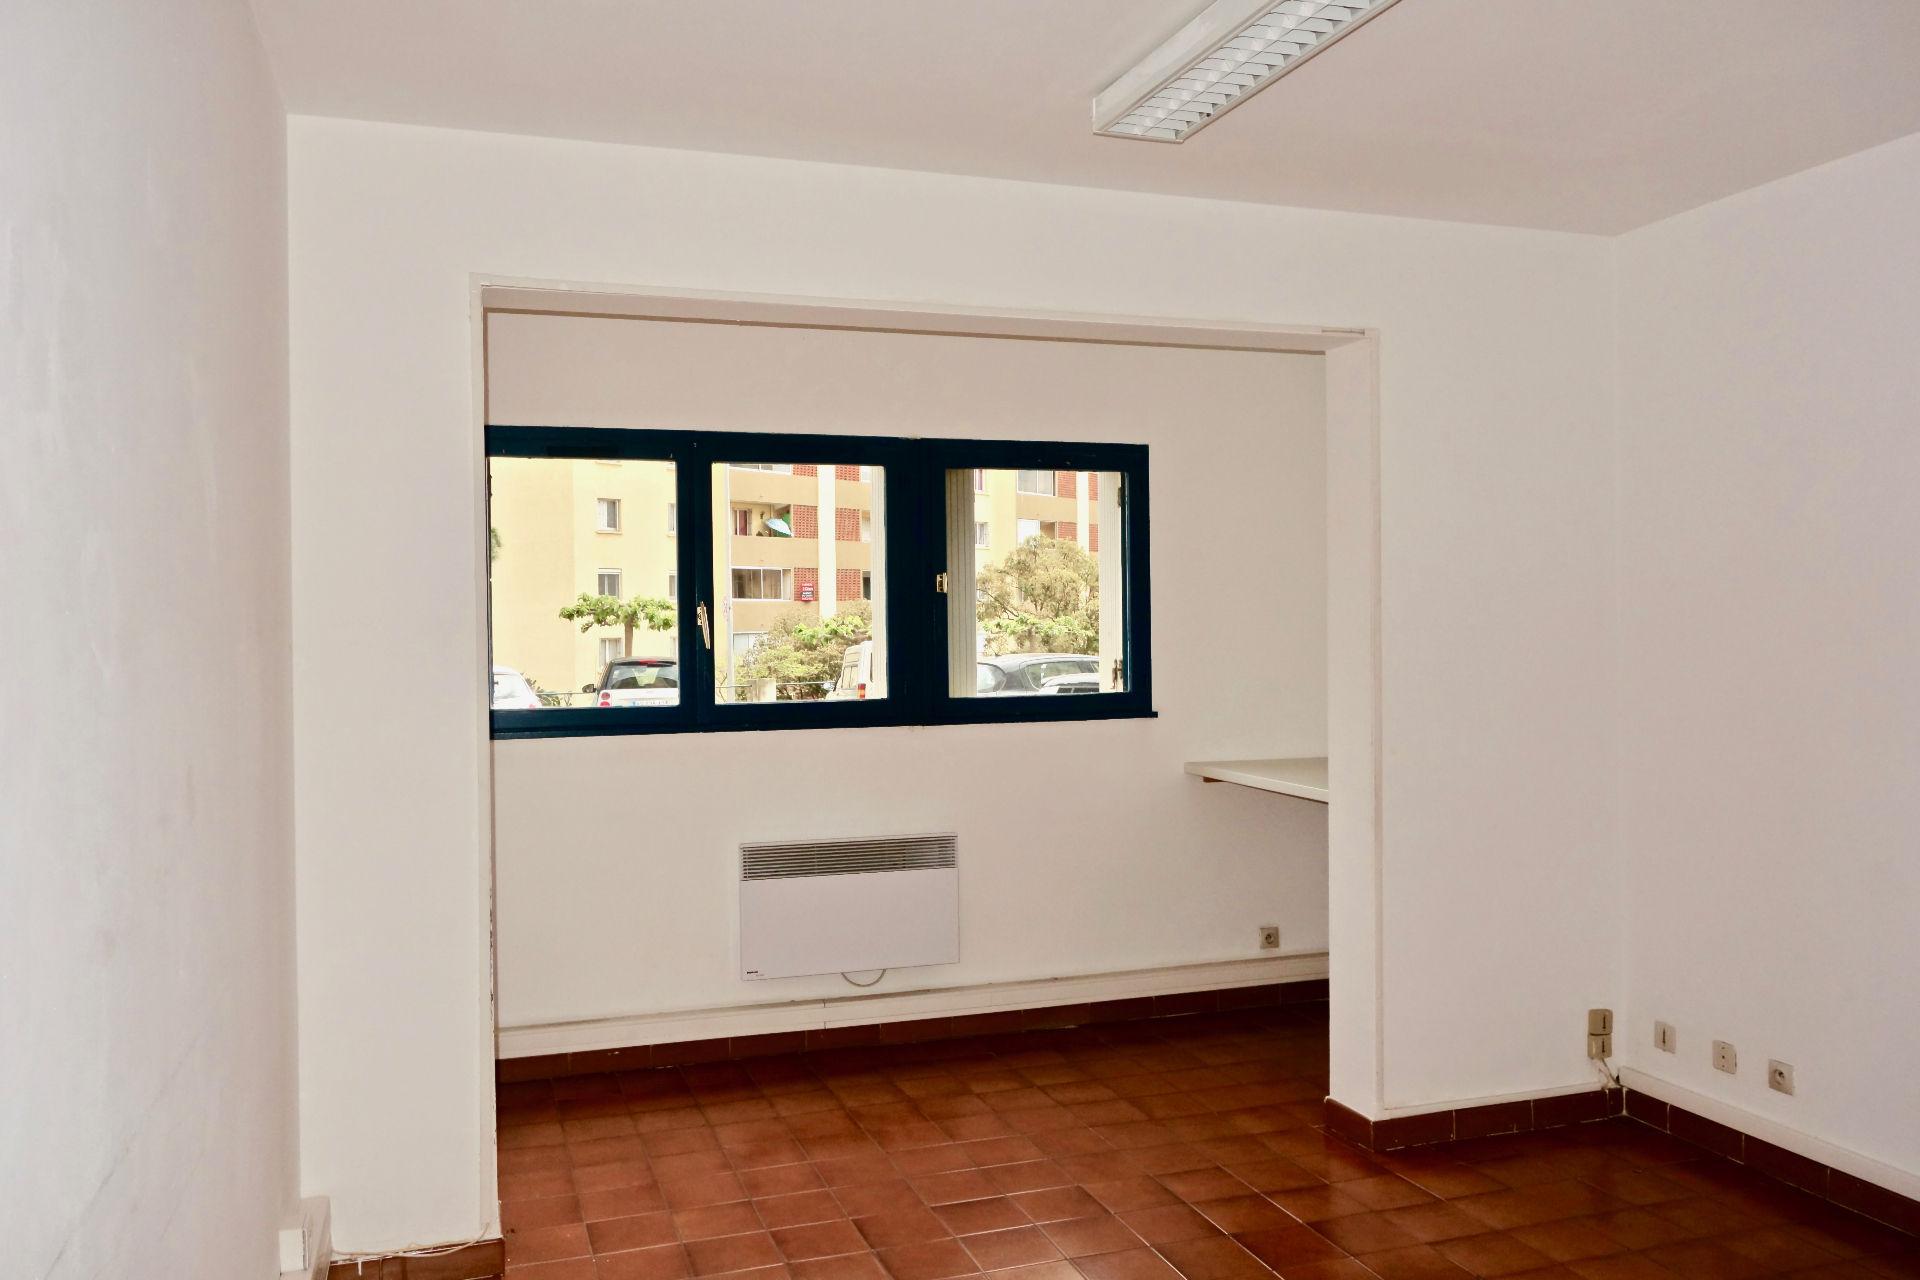 Photo Local professionnel à louer 10 pièces 200 m² image 2/5